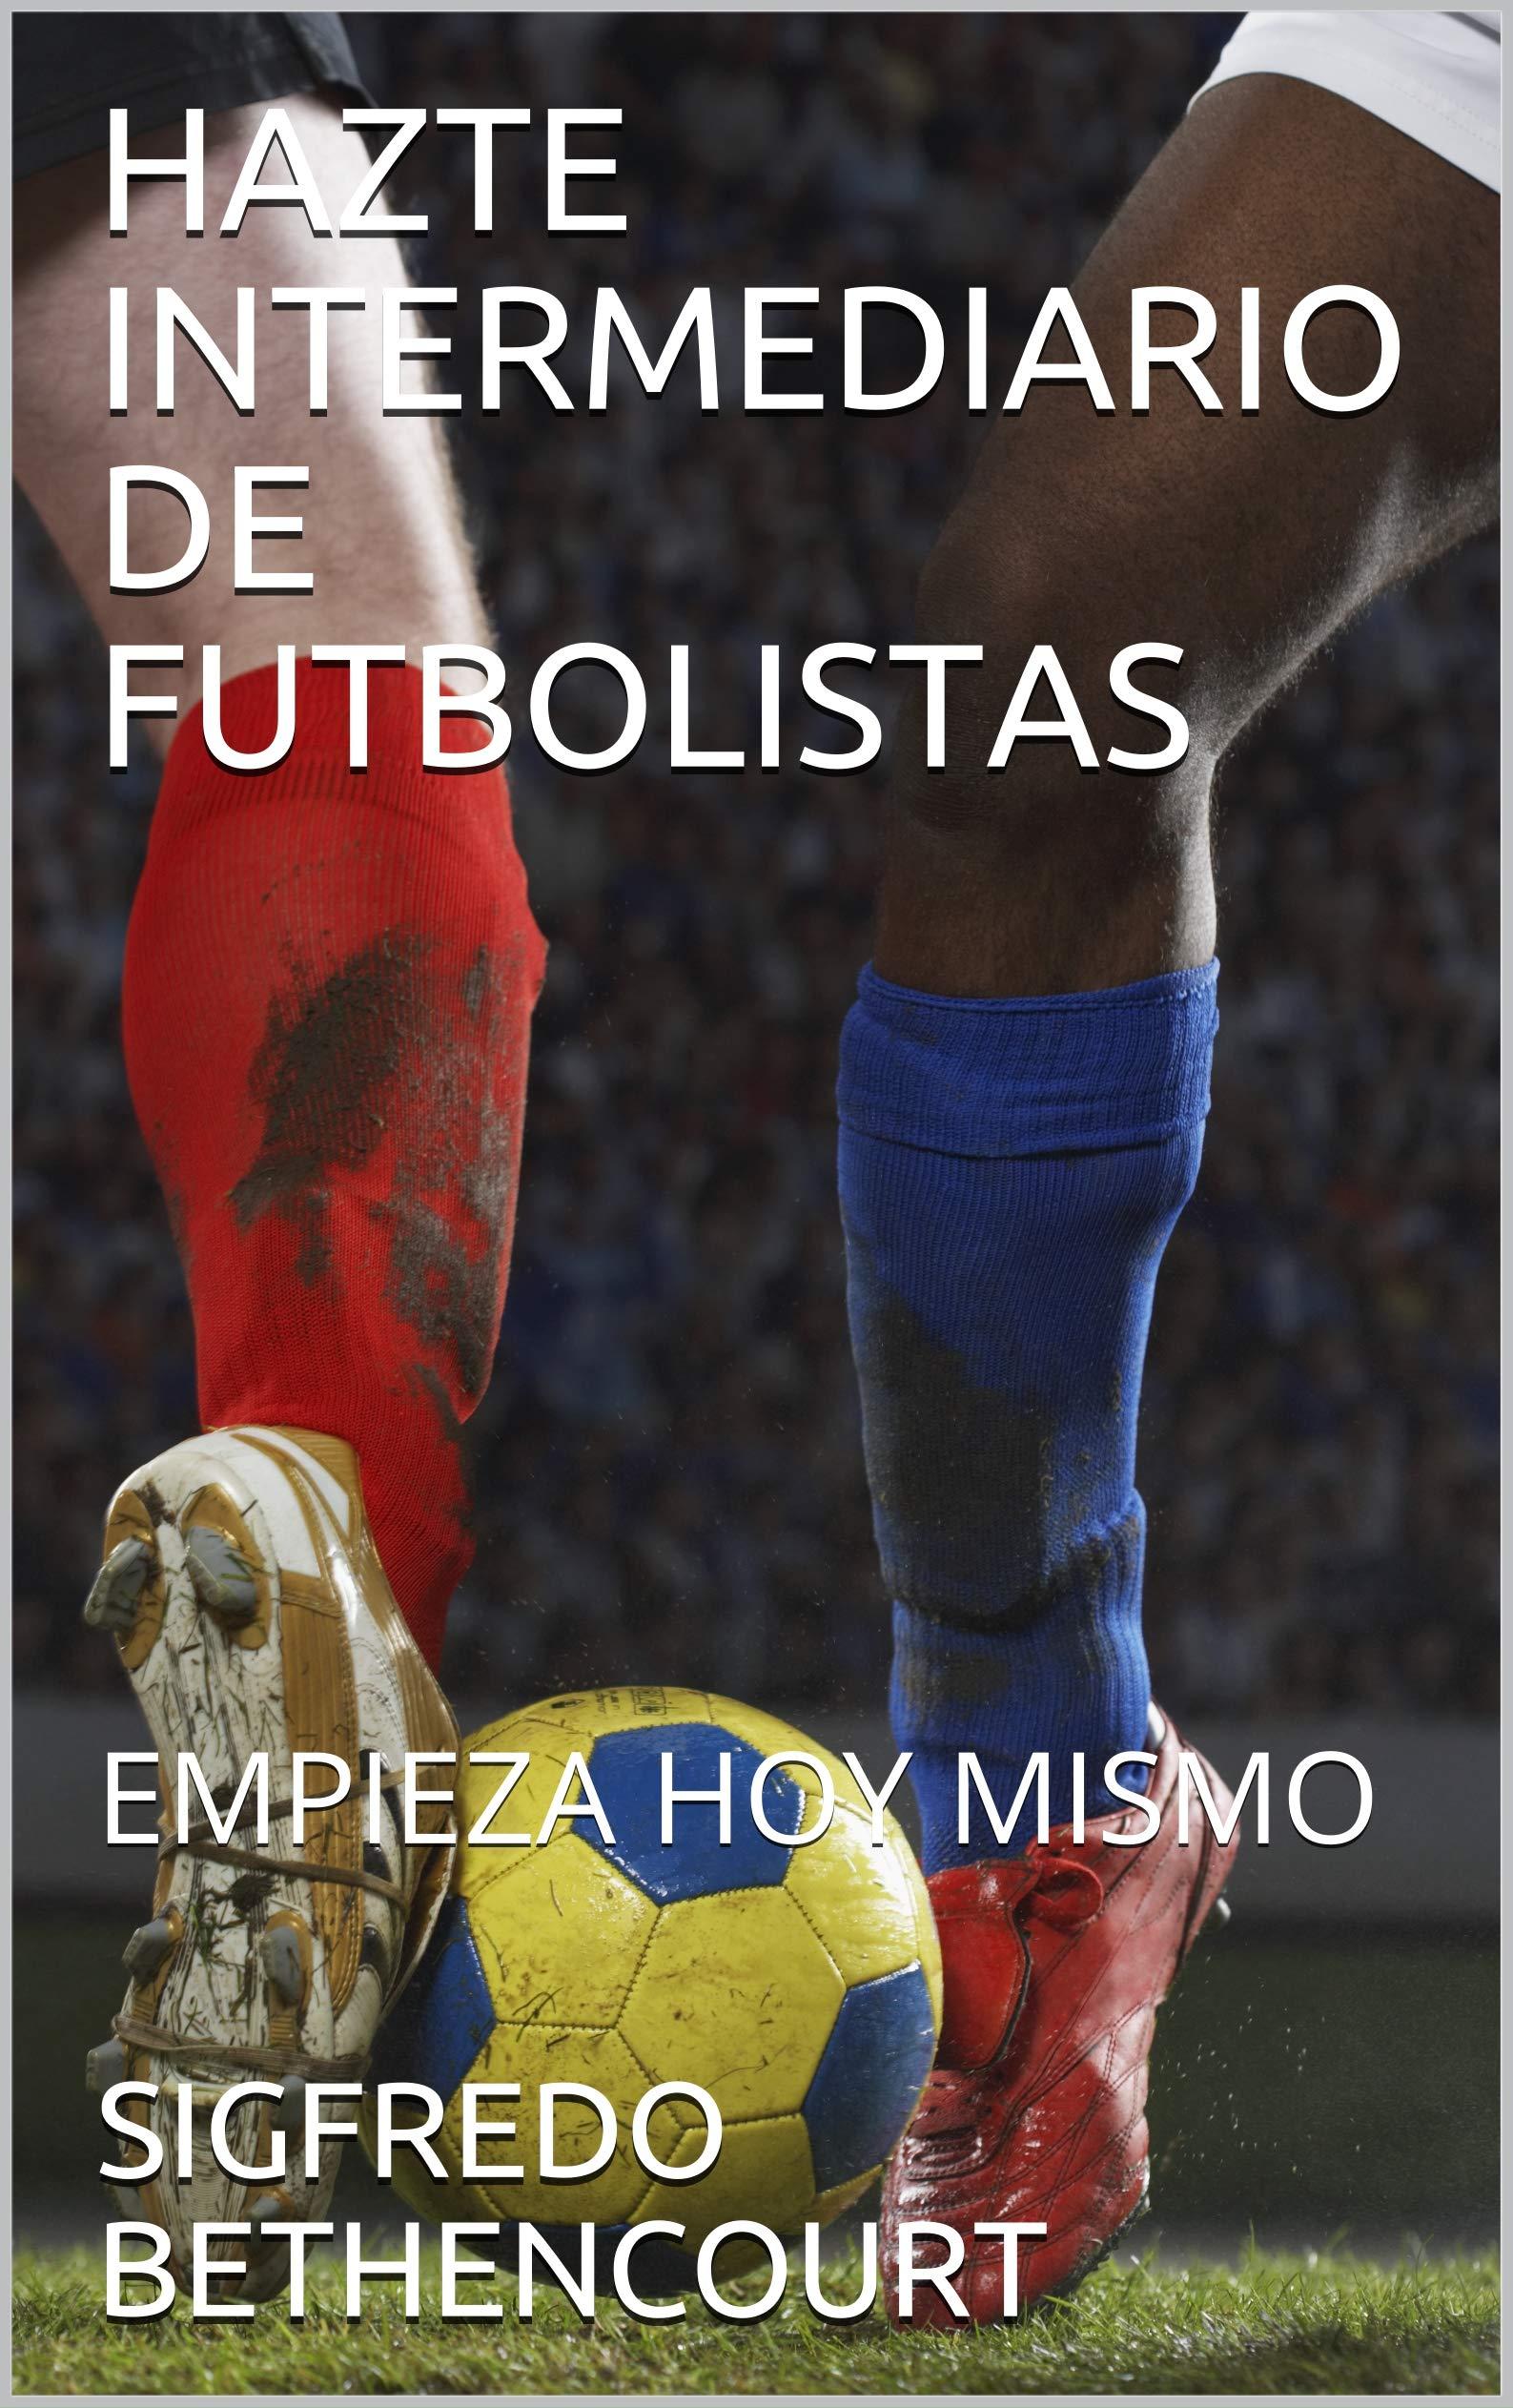 HAZTE INTERMEDIARIO DE FUTBOLISTAS: EMPIEZA HOY MISMO (INTERMEDIARIO AGENTE FIFA) (Spanish Edition)